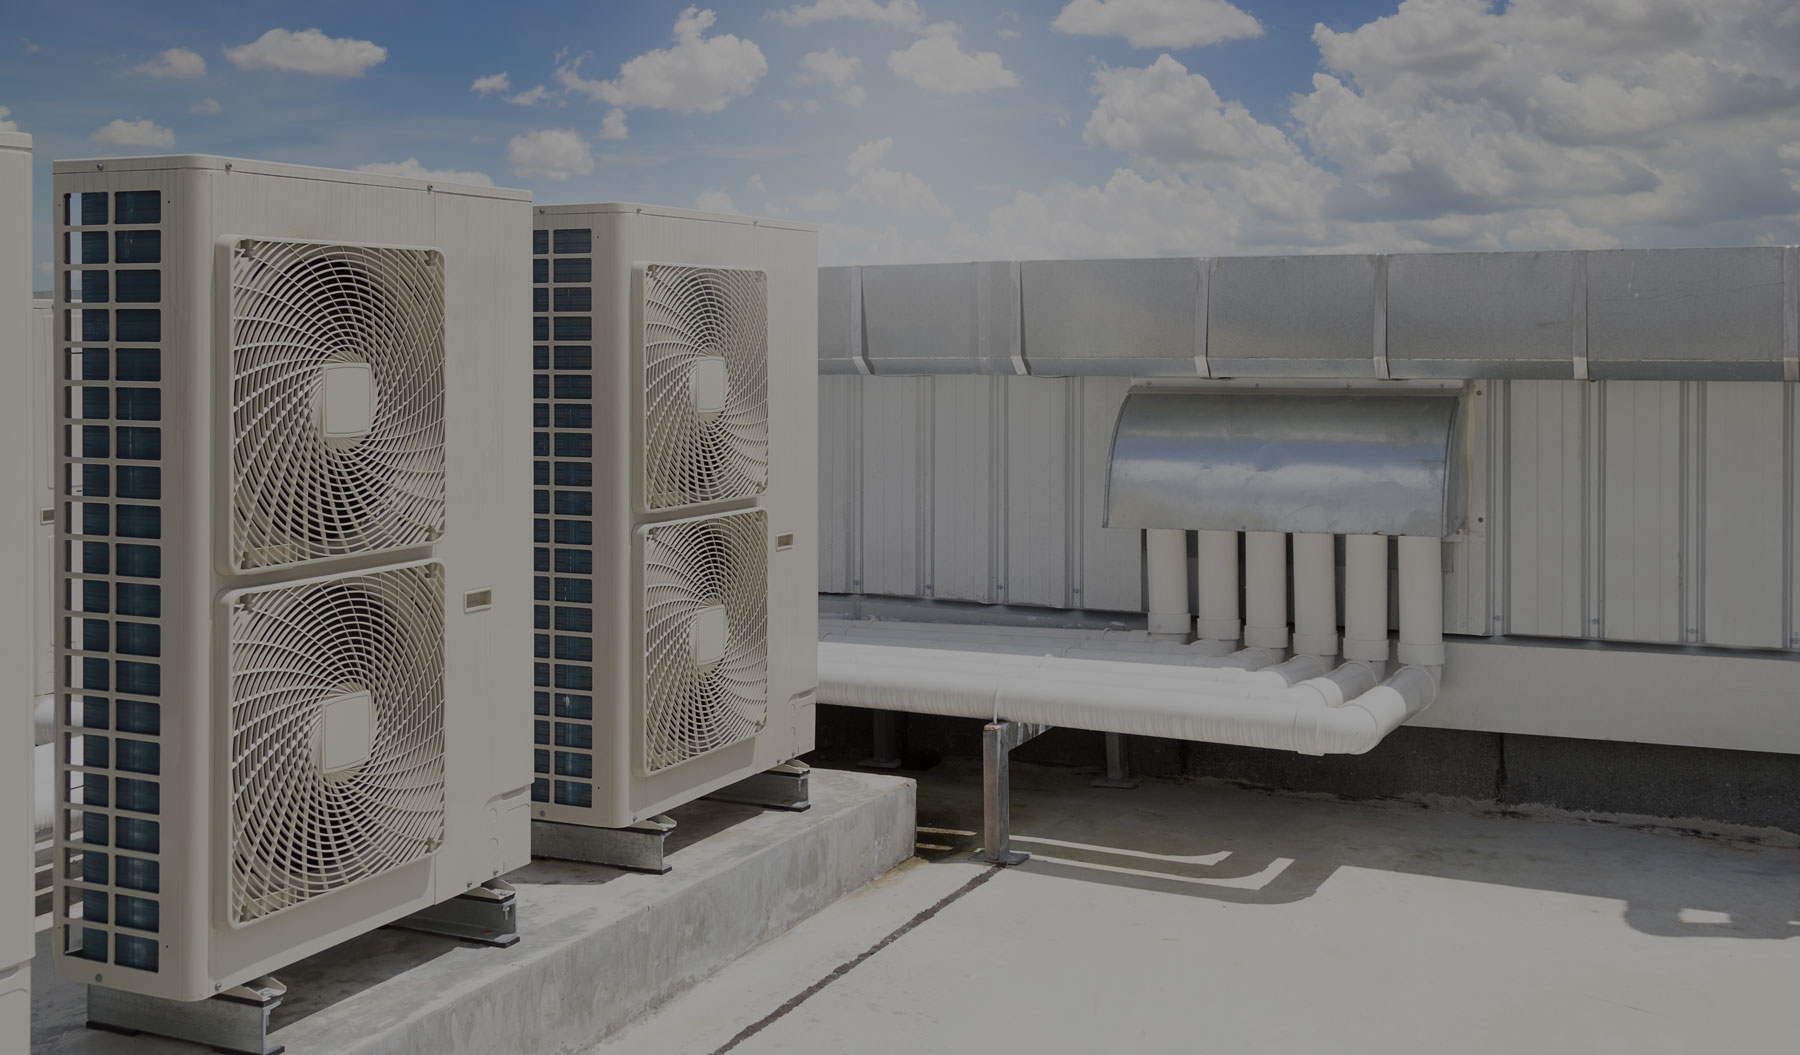 klimaanlagen-rheinmain-gerwerblich